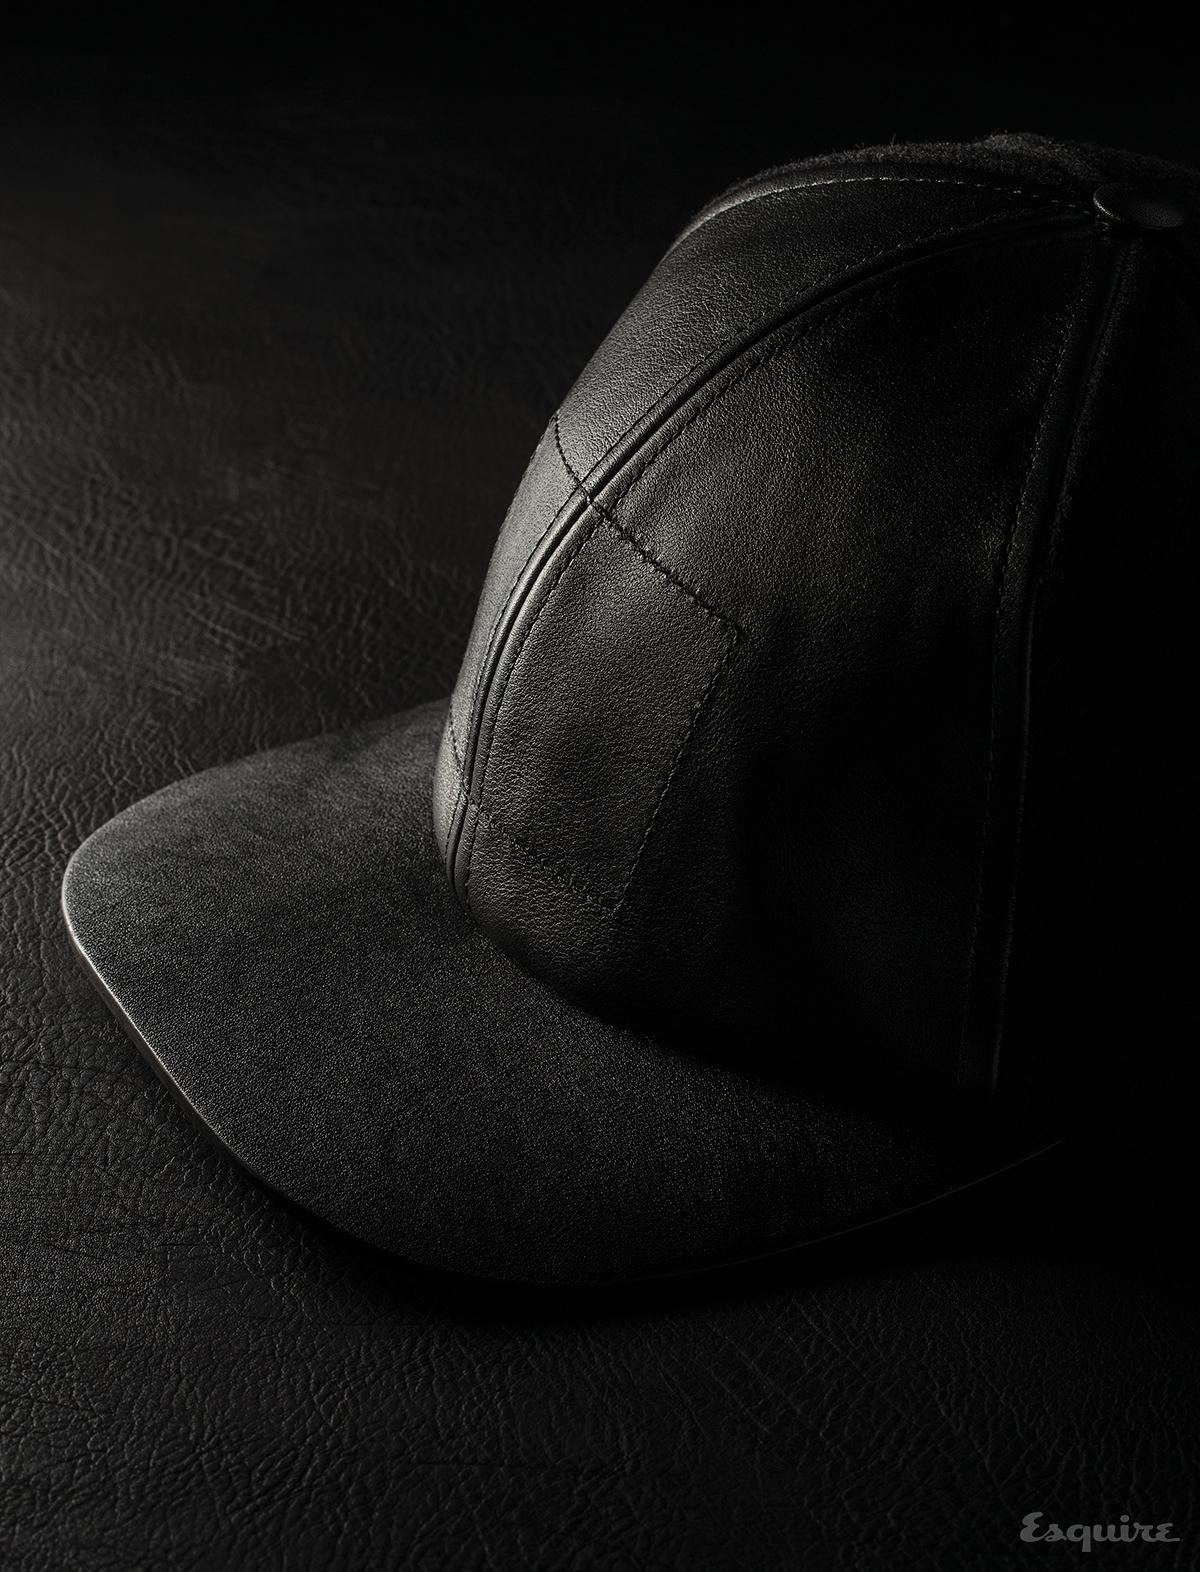 칠흑처럼 검고, 깊은 윤이 나는 열 개의 가죽.